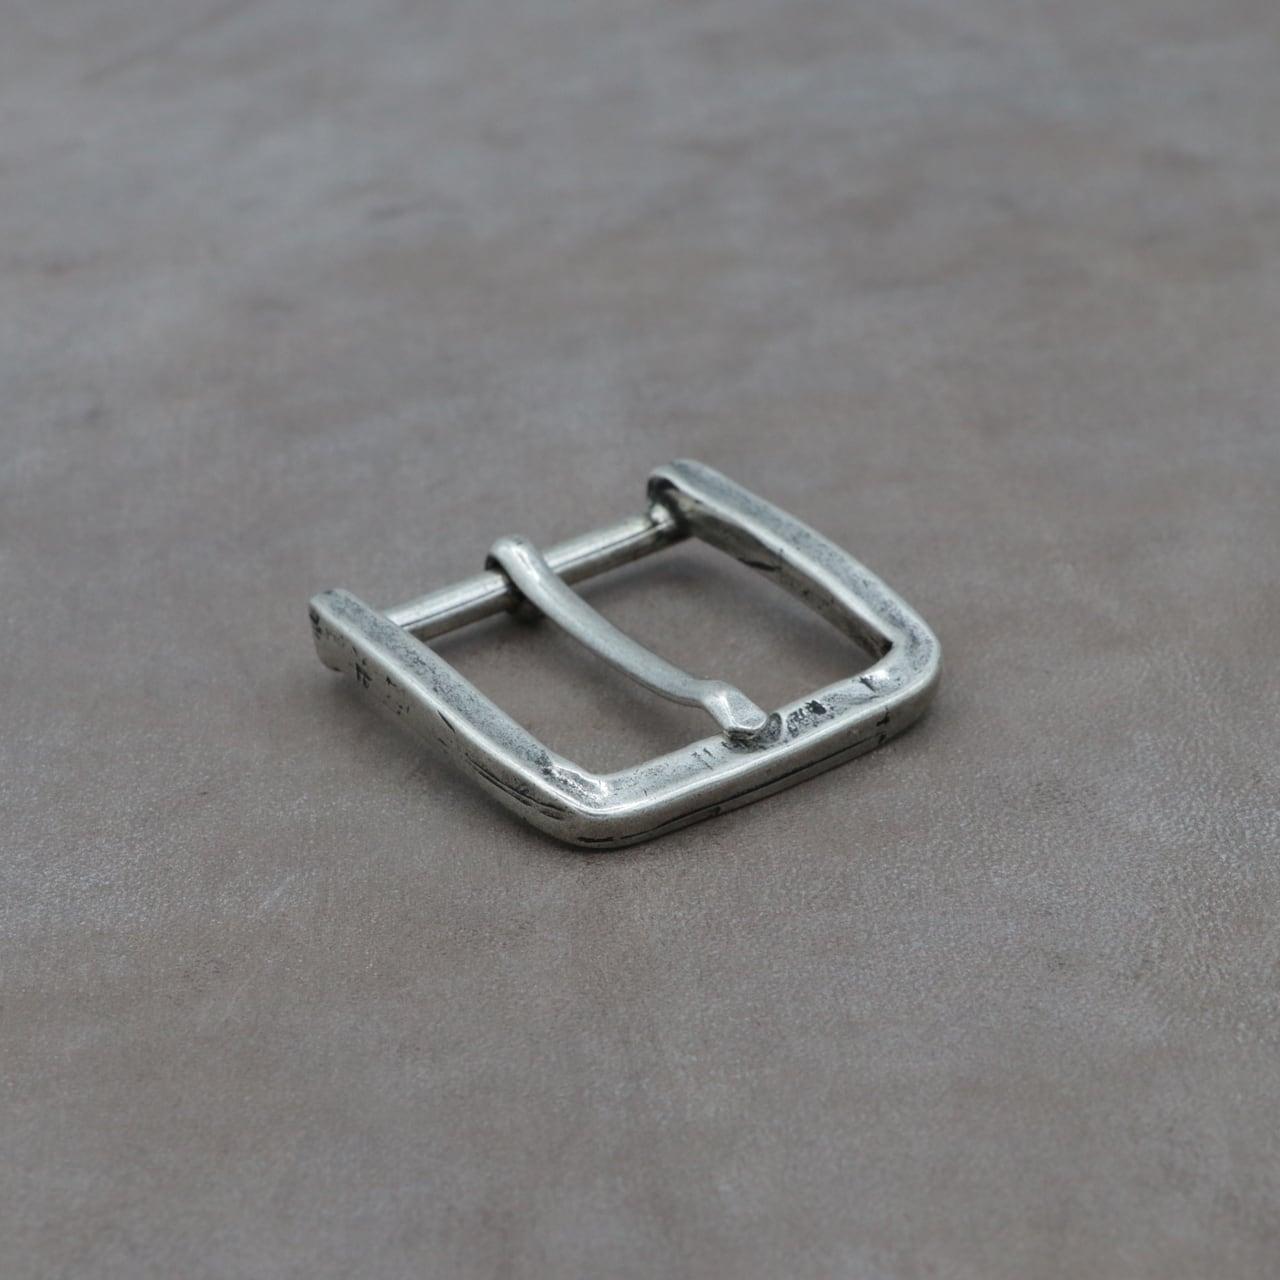 【F25799】イタリア製 バックル 35mm幅 カジュアルベルト用 尾錠 スクエア シンプル